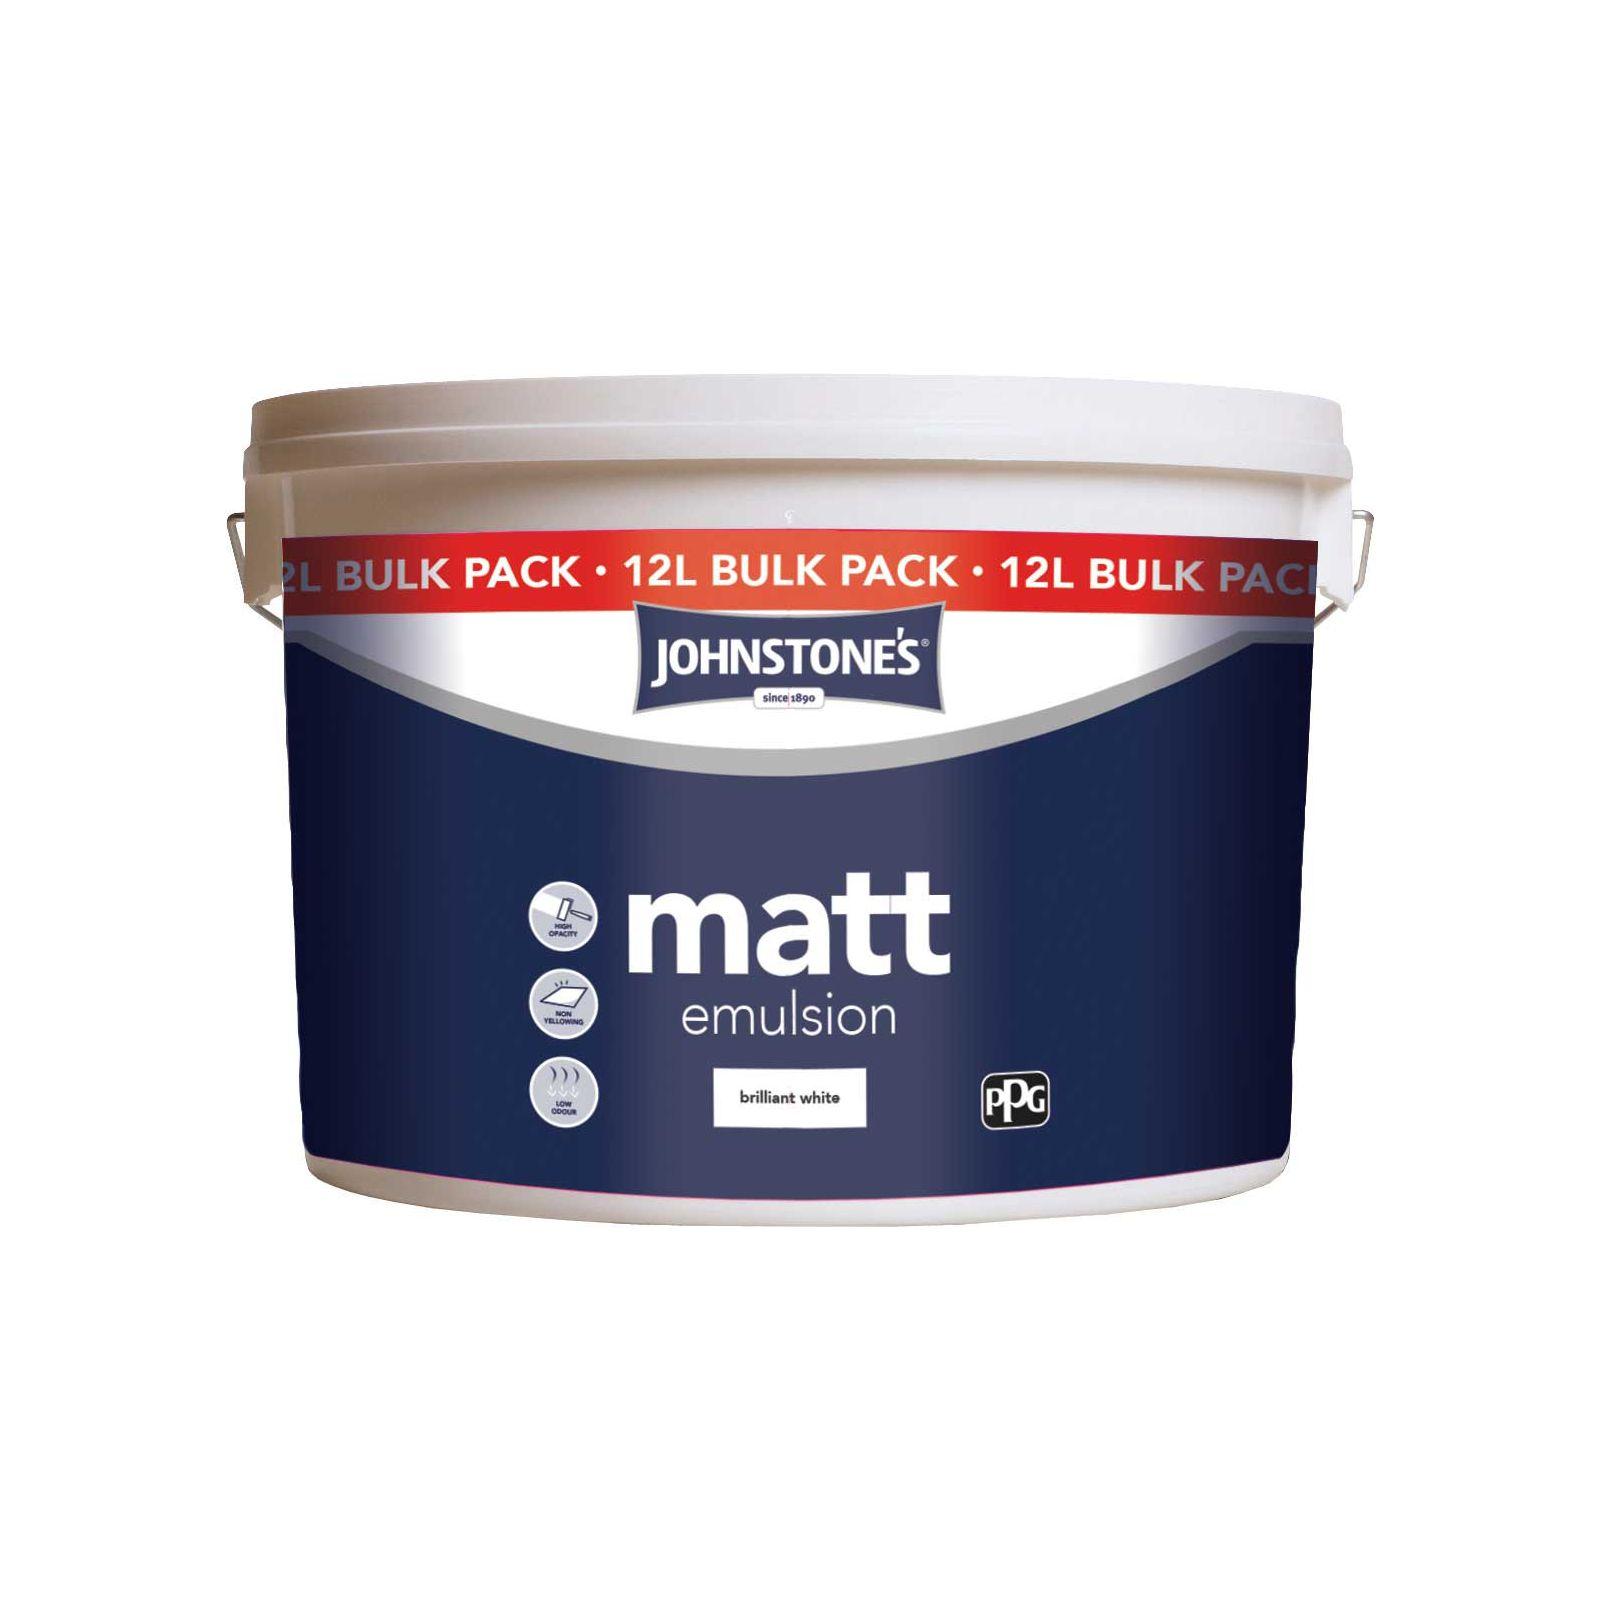 Johnstones Brilliant White - Matt Emulsion - 12L - £12 @ Homebase In Store